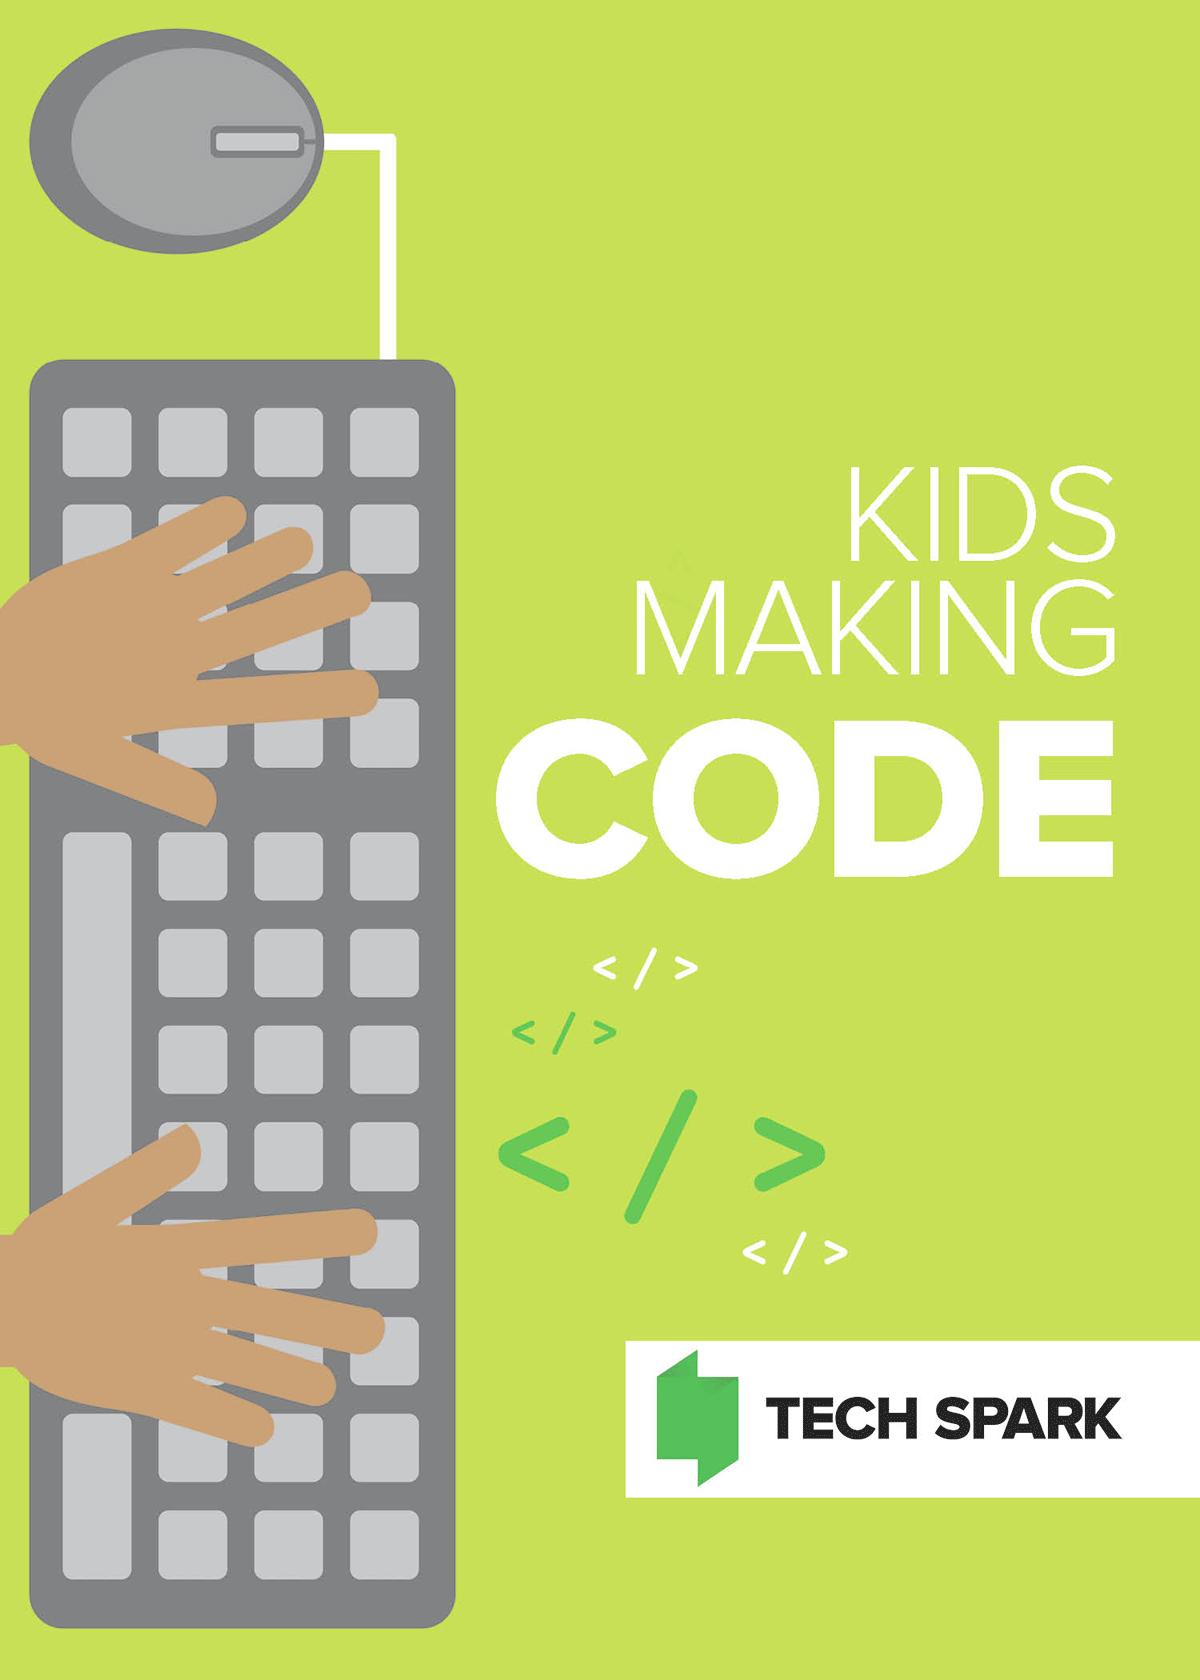 kidsmakingcodepic